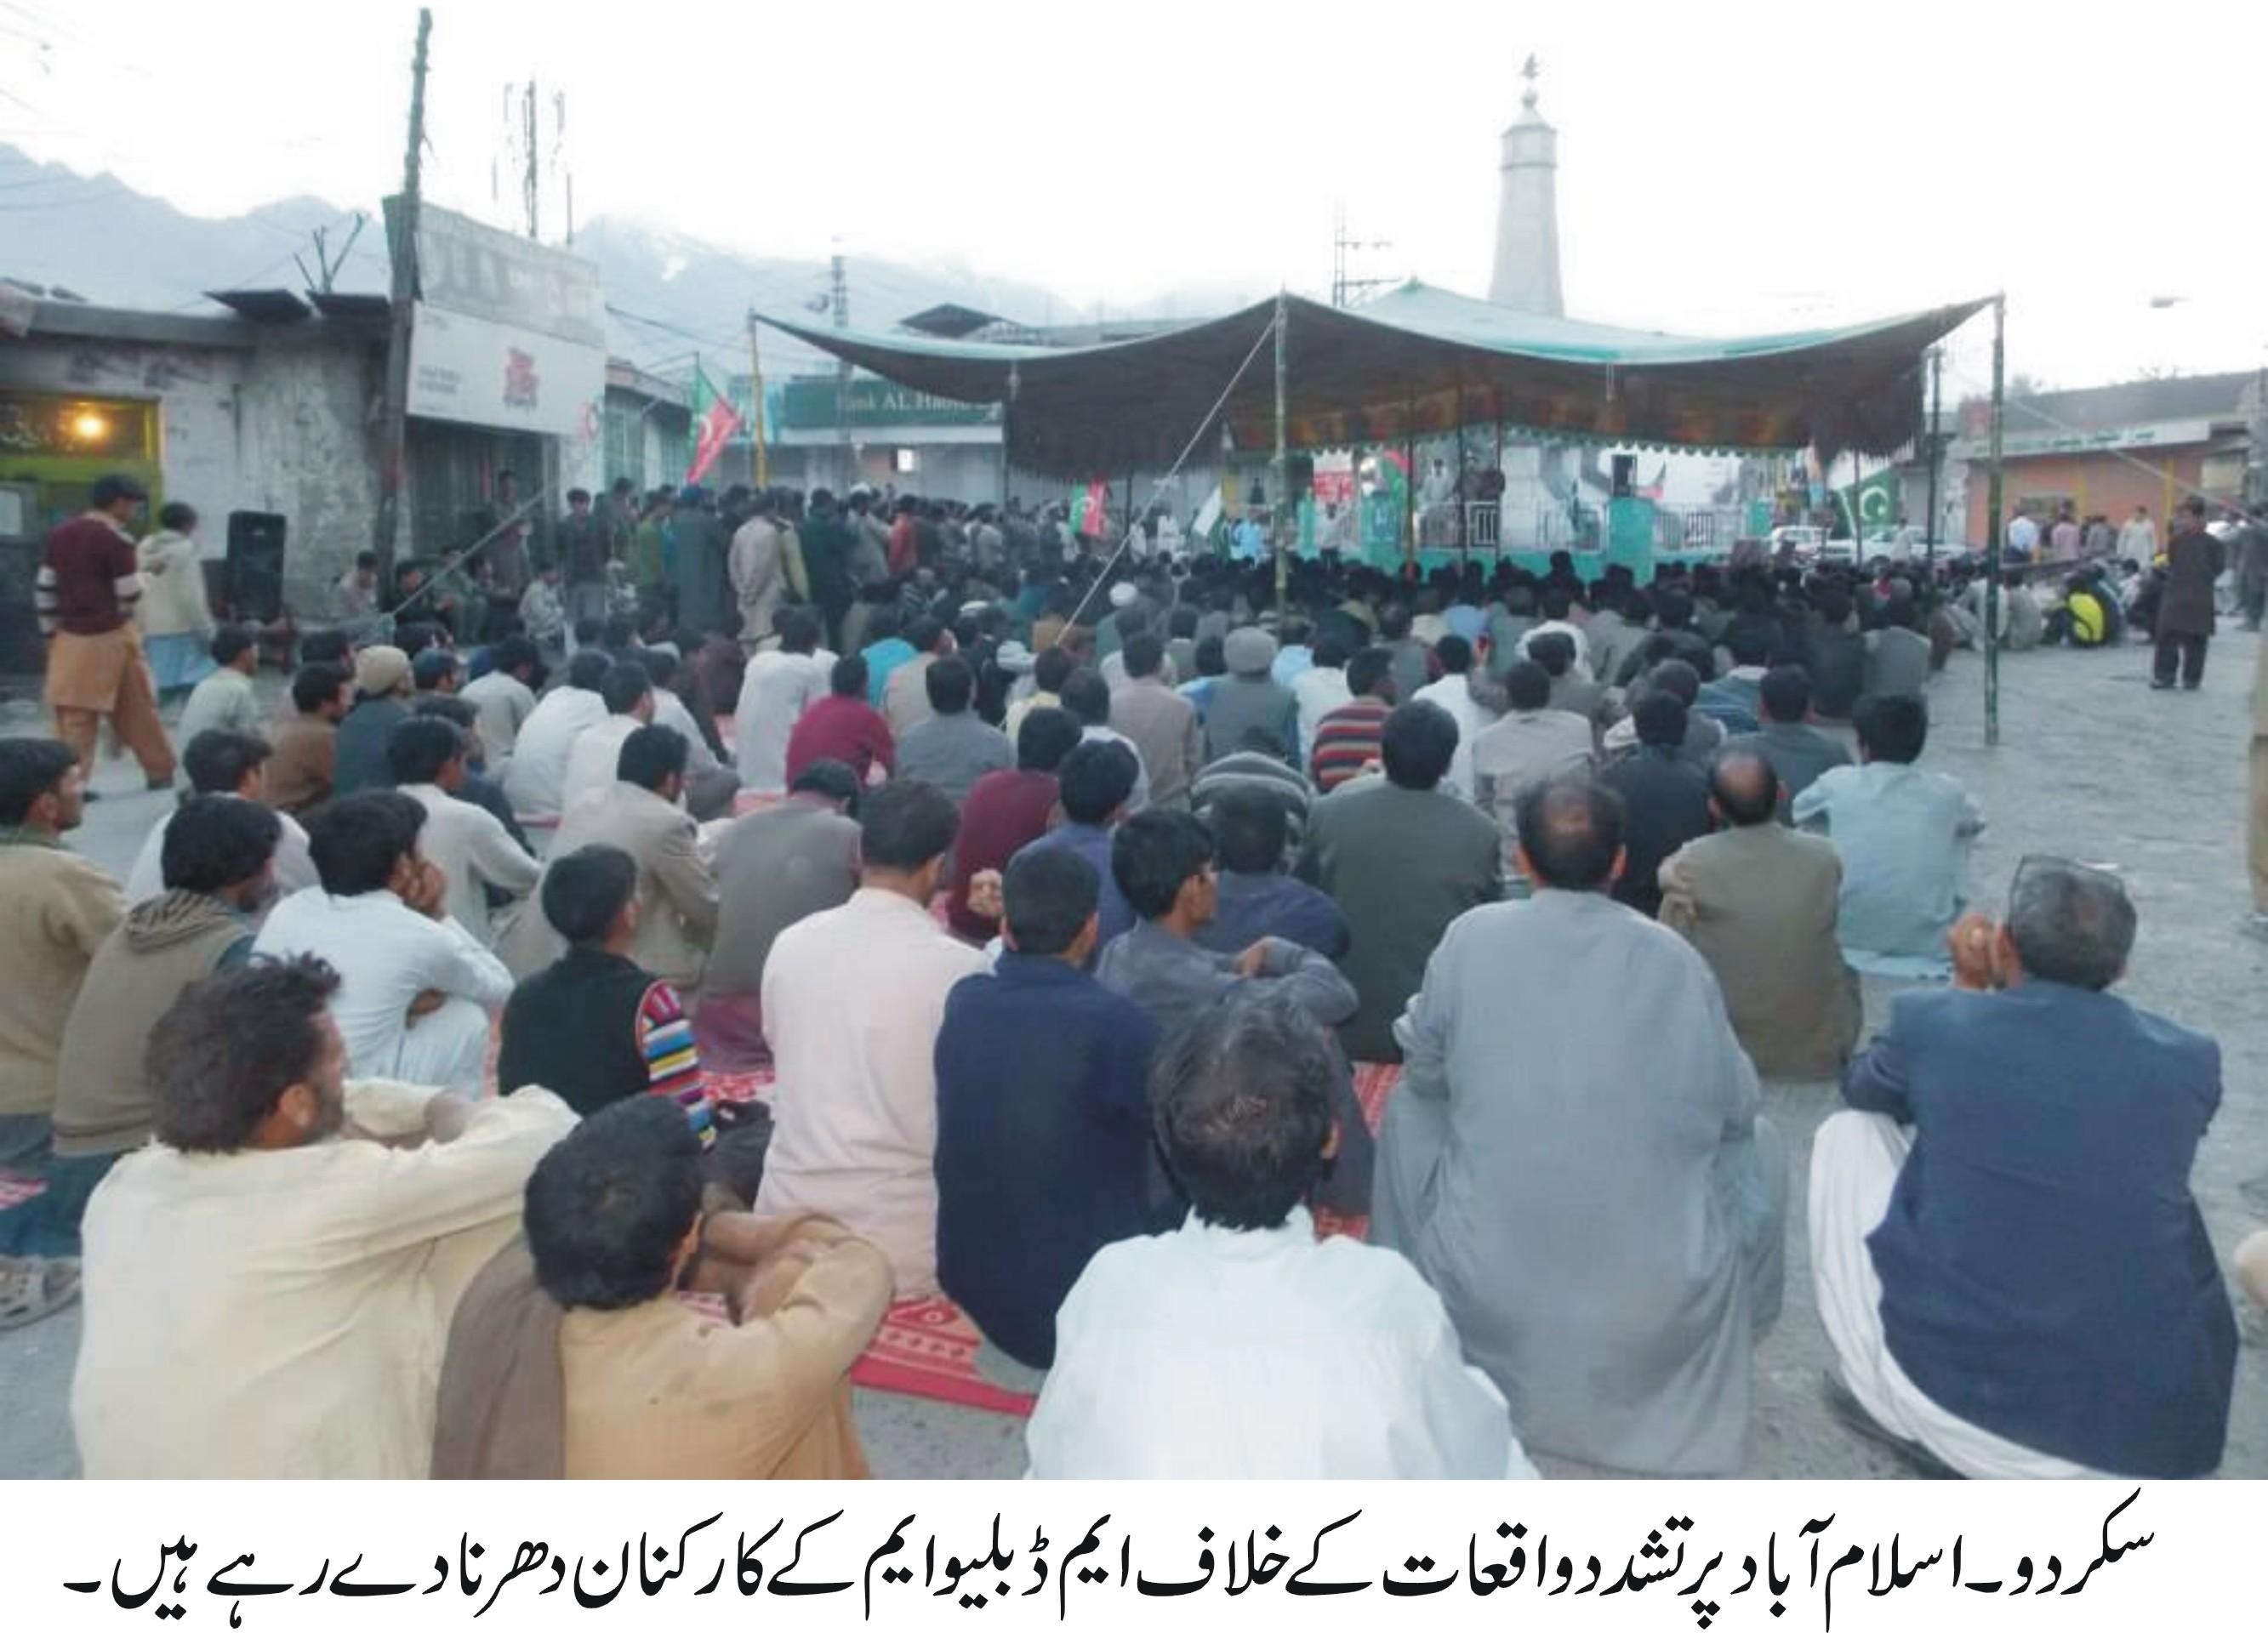 وفاقی دارالحکومت میں مظاہرین پر تشدد کیخلاف بلتستان کے مختلف مقامات پر احتجاج کا آغاز